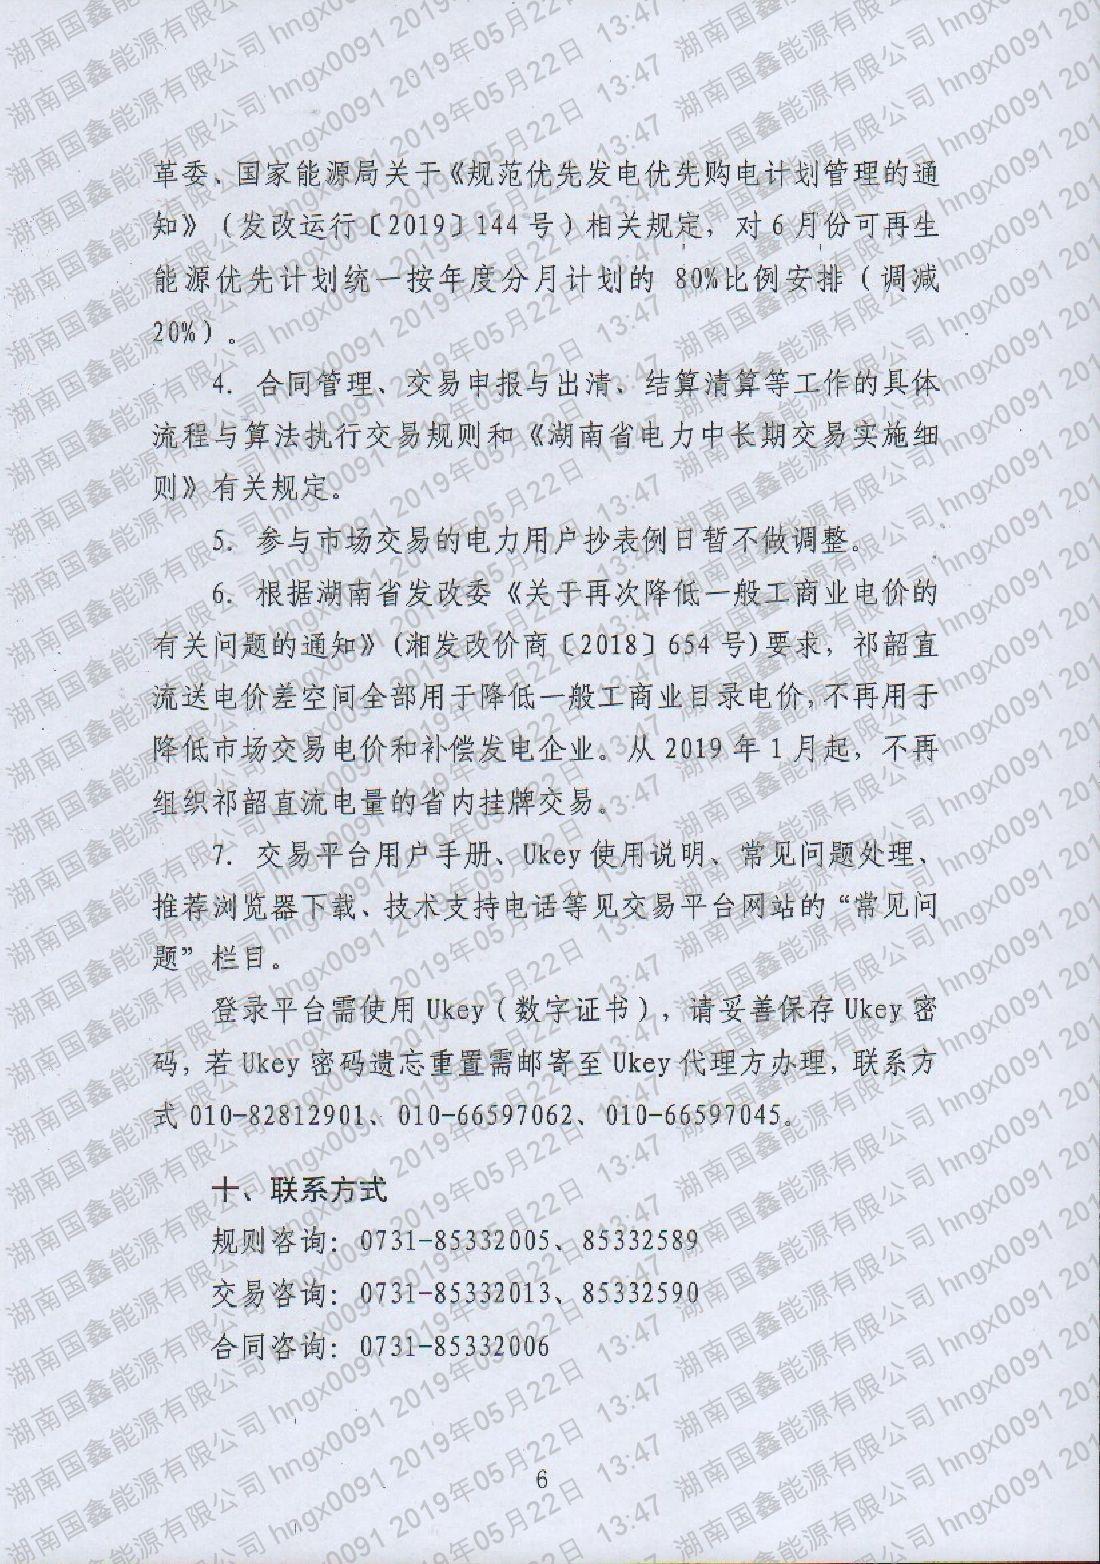 2019年第8號交易公告(6月清潔能源市場交易)(1).pdf_page_6_compressed.jpg